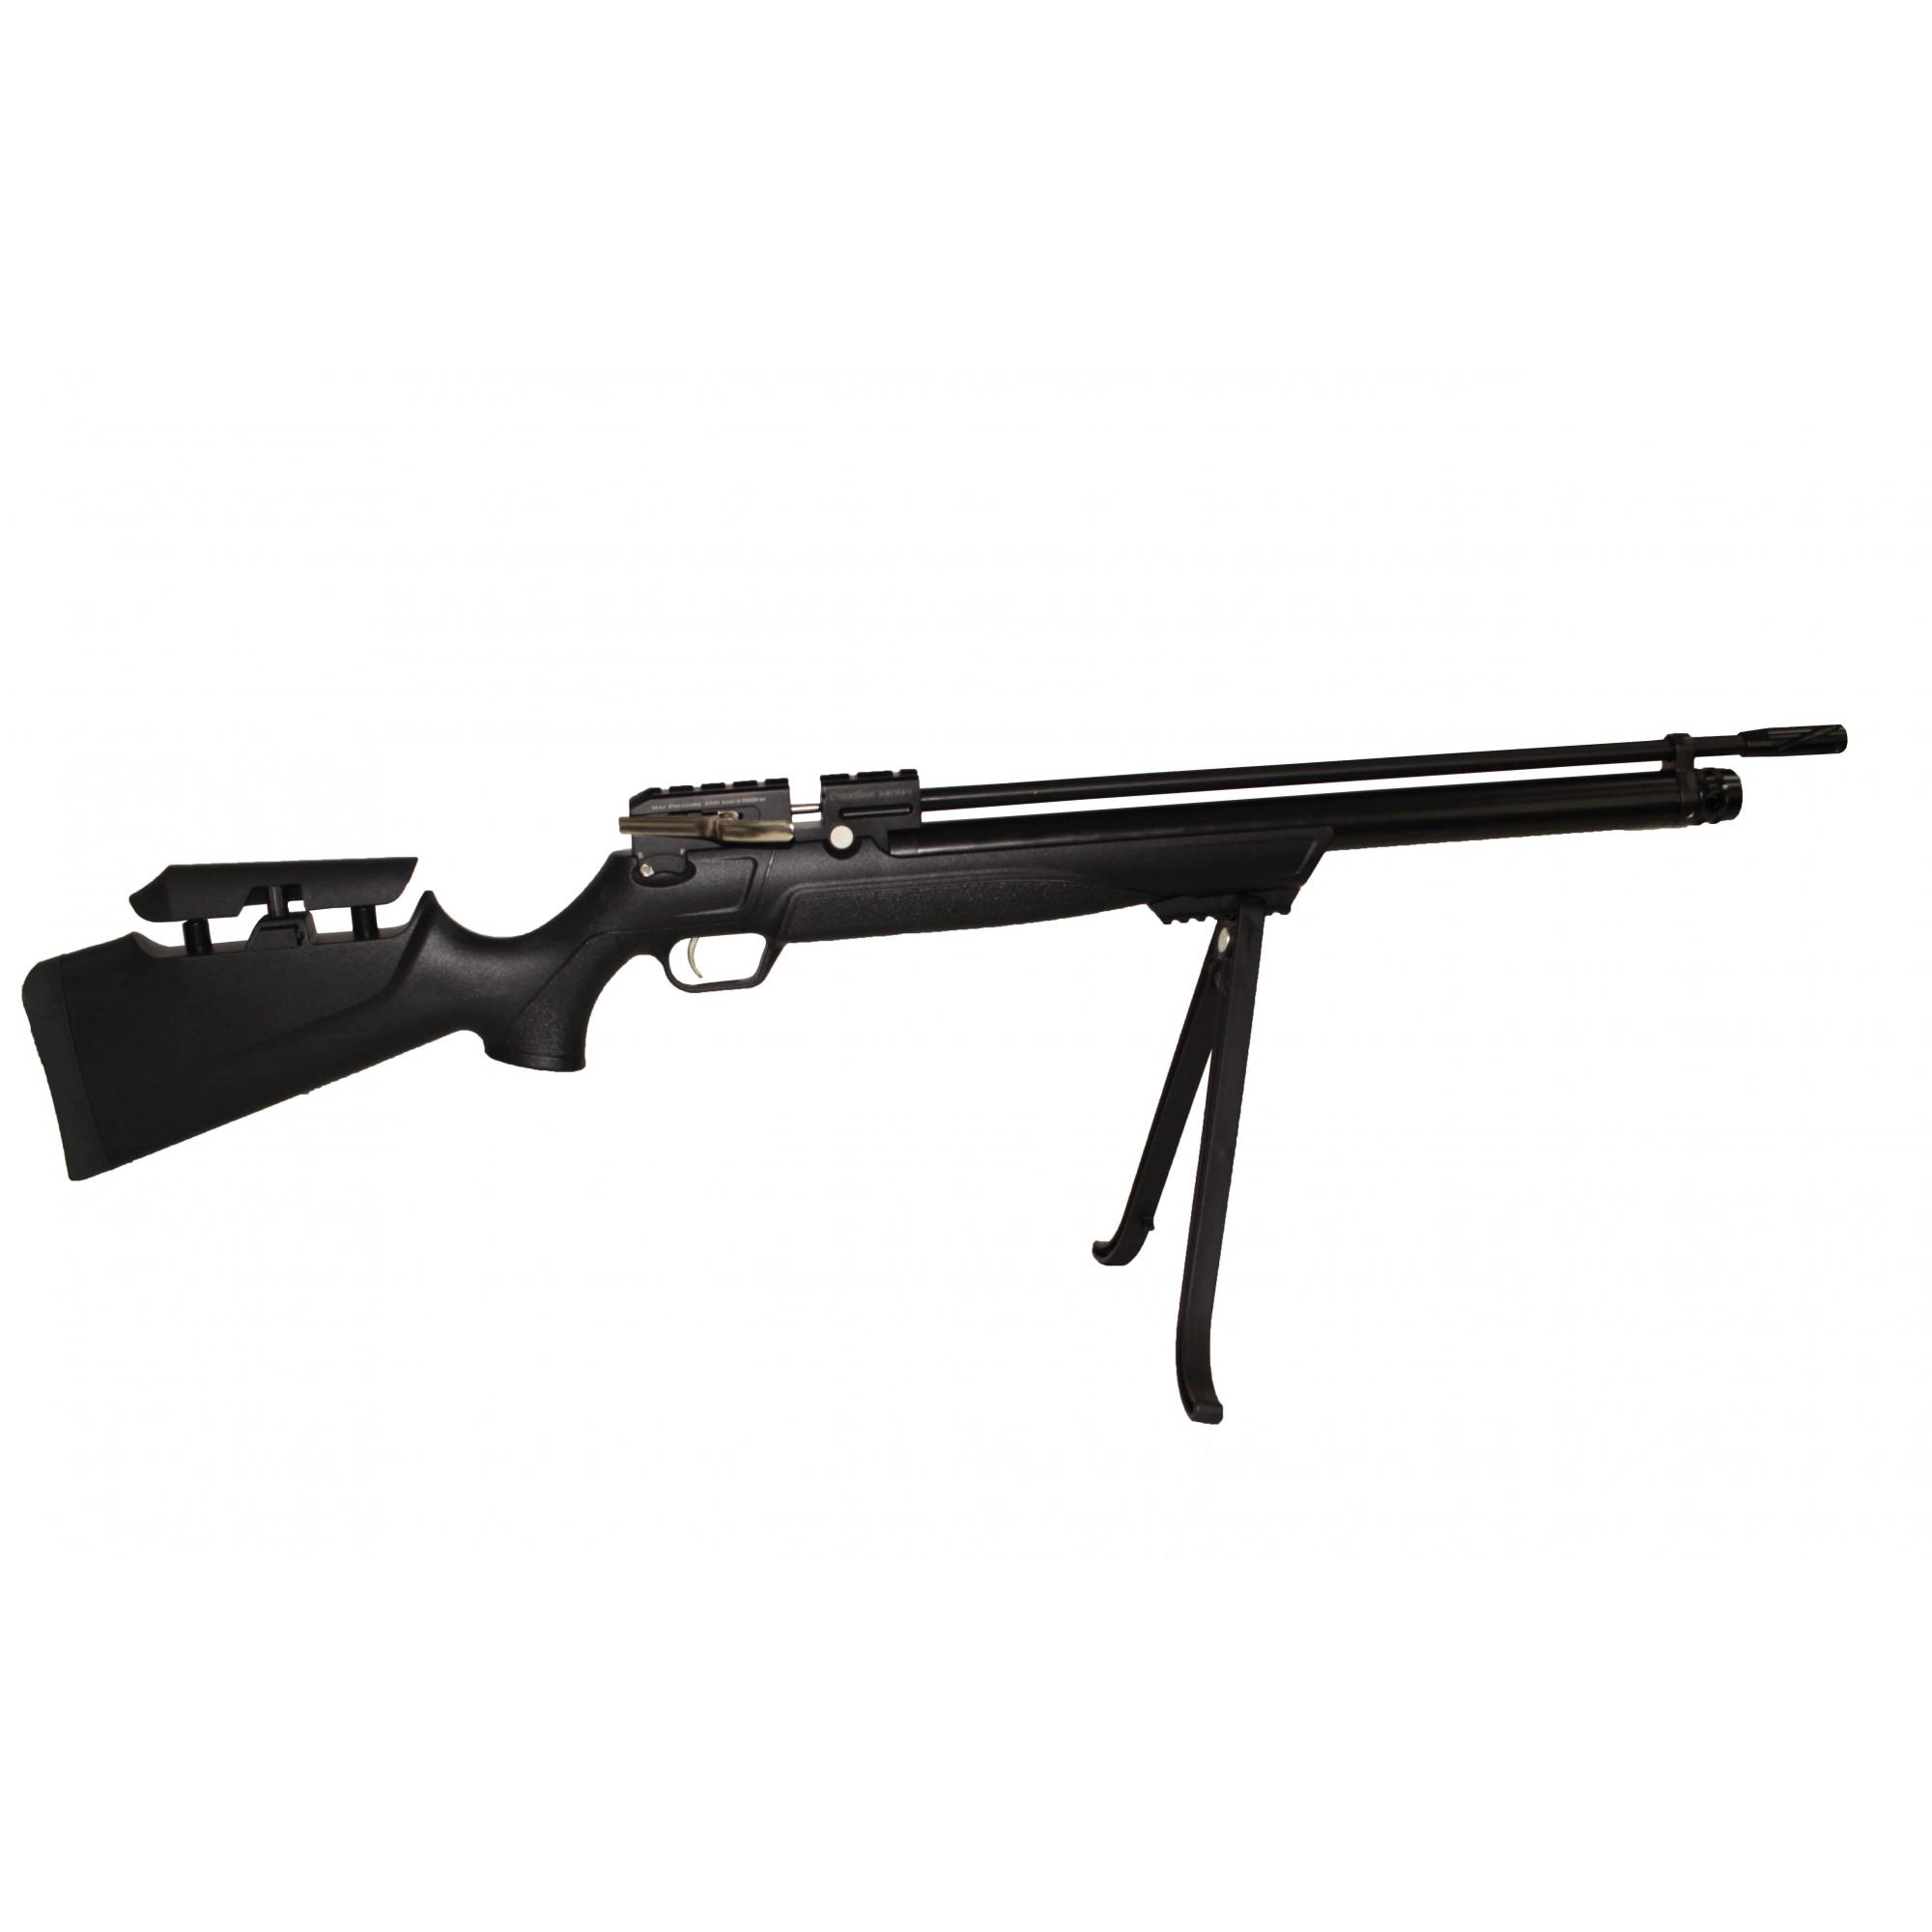 Carabina de Pressão PCP Kral Puncher Mega S 6.35mm